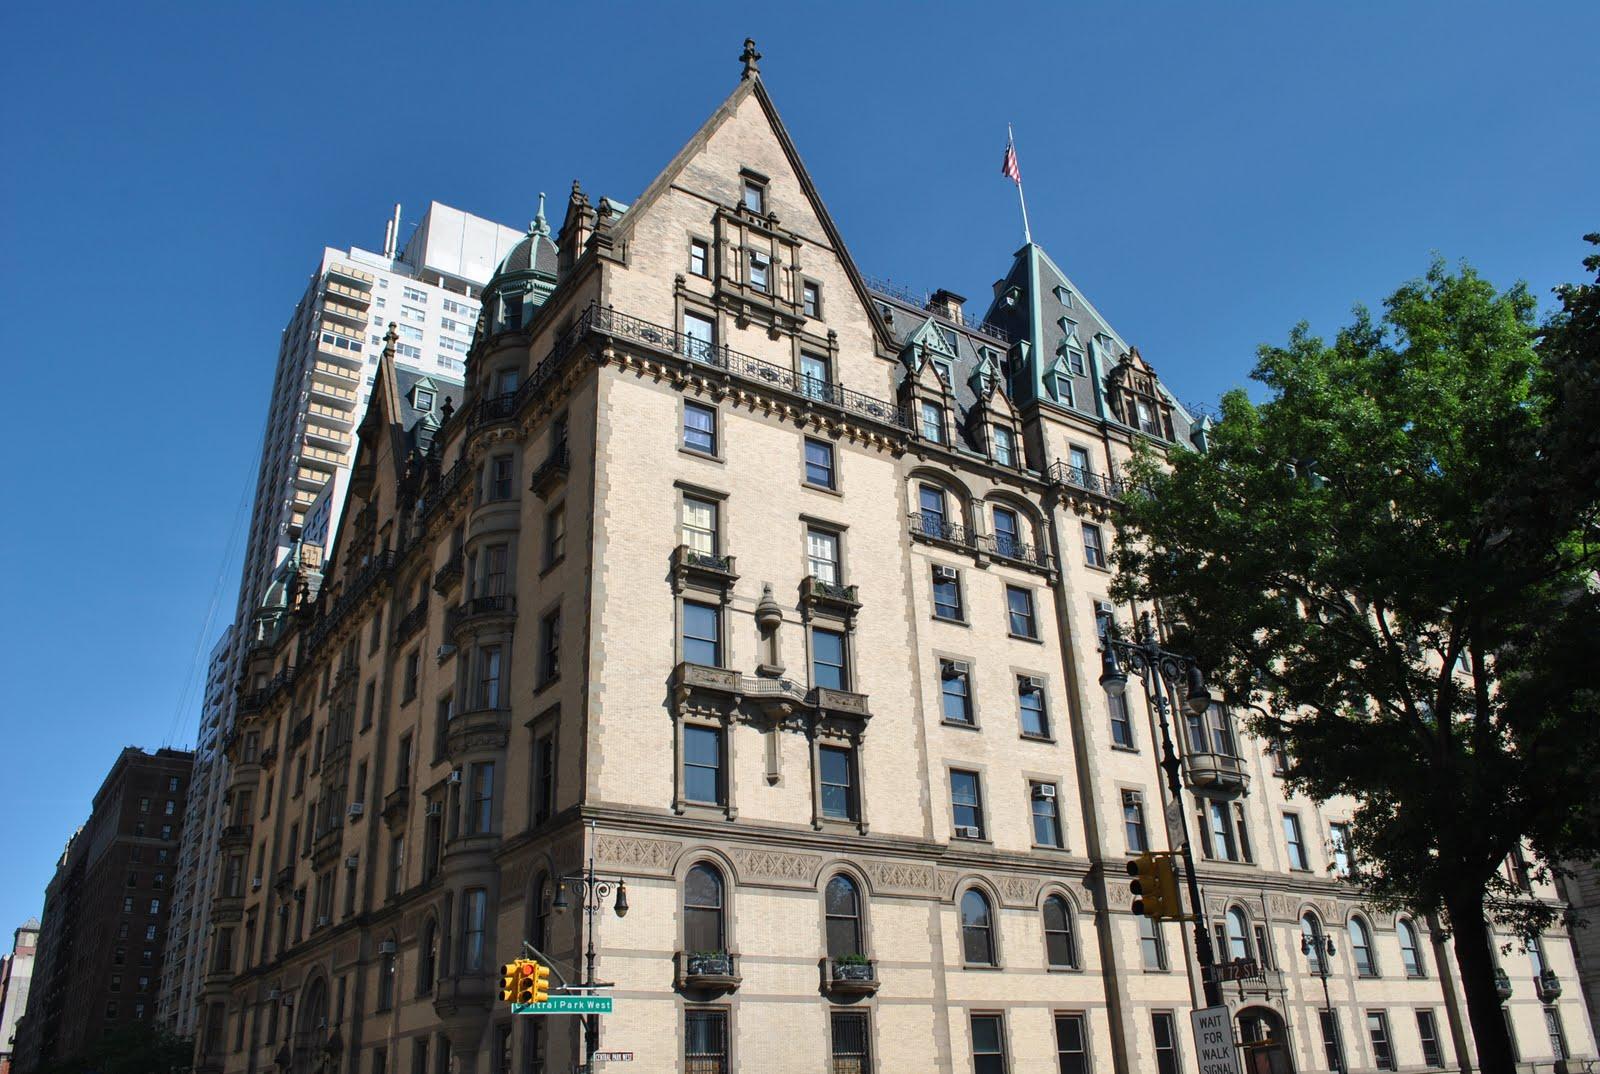 Αυτό είναι το πιο ιστορικό και διάσημο κτίριο της Νέας Υόρκης